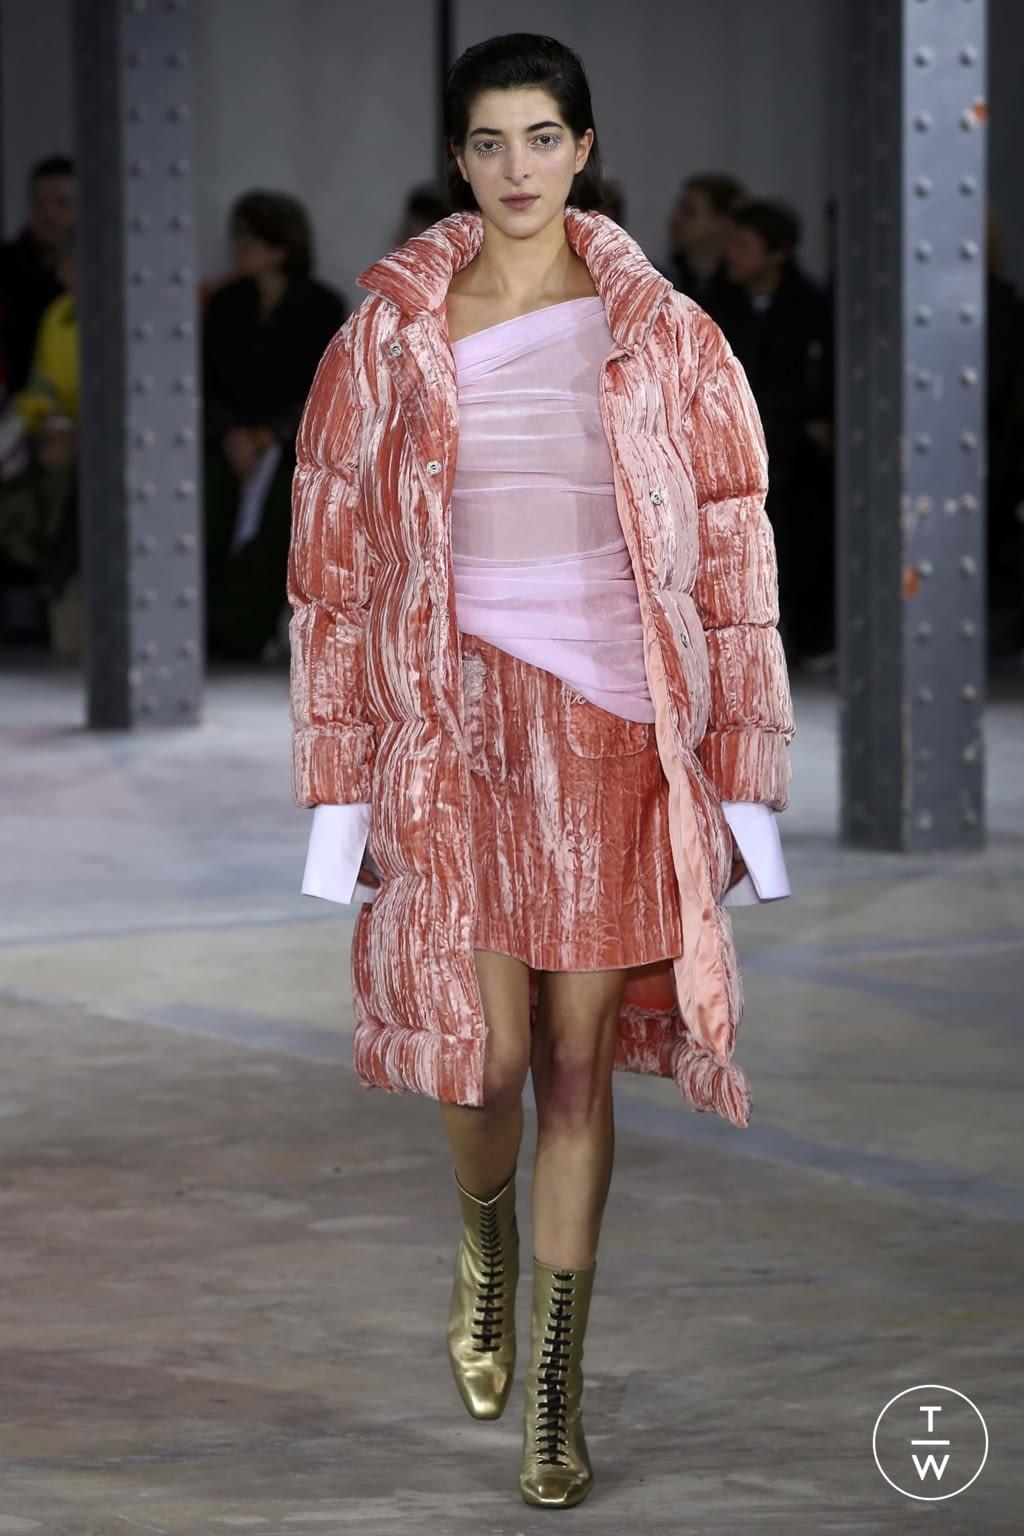 Fashion Week Paris Fall/Winter 2018 look 24 de la collection Anaïs Jourden womenswear